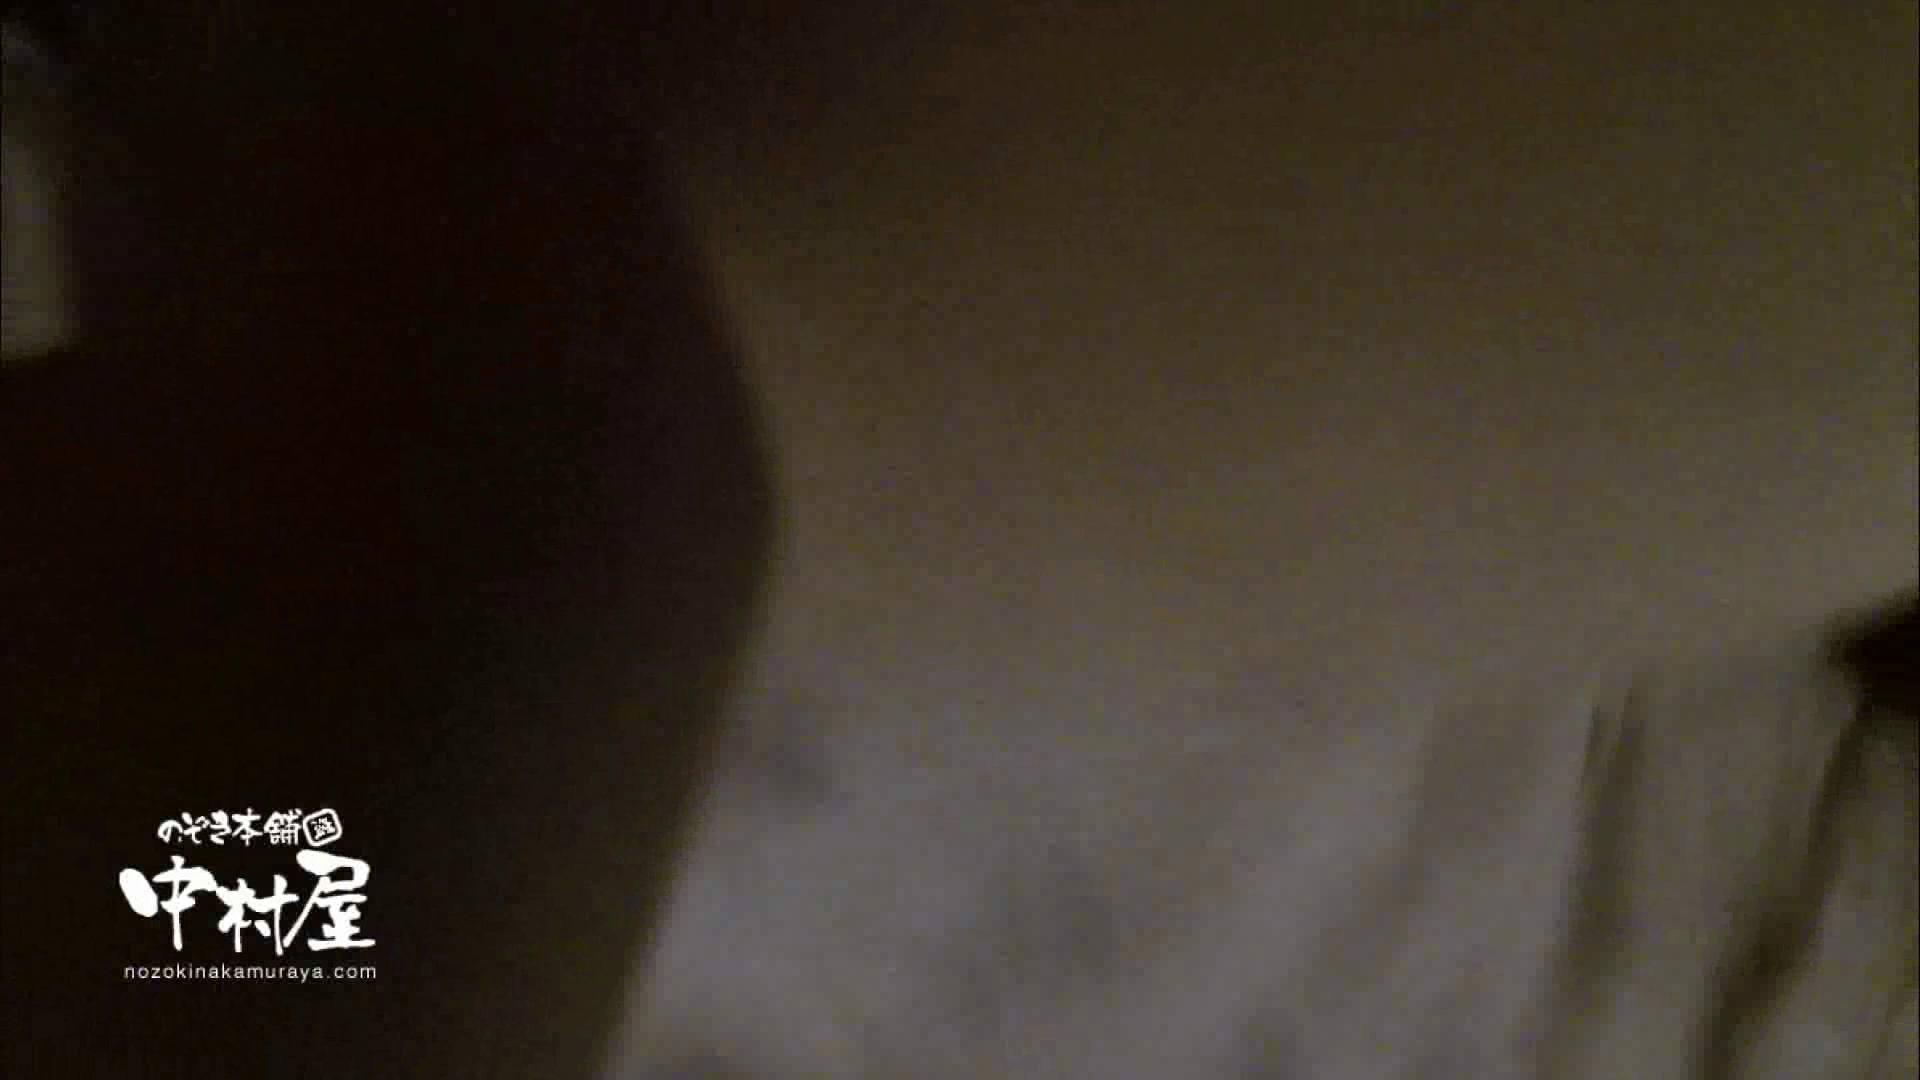 鬼畜 vol.04 黙れ! 前編 OLのエロ生活 | 鬼畜  67連発 49